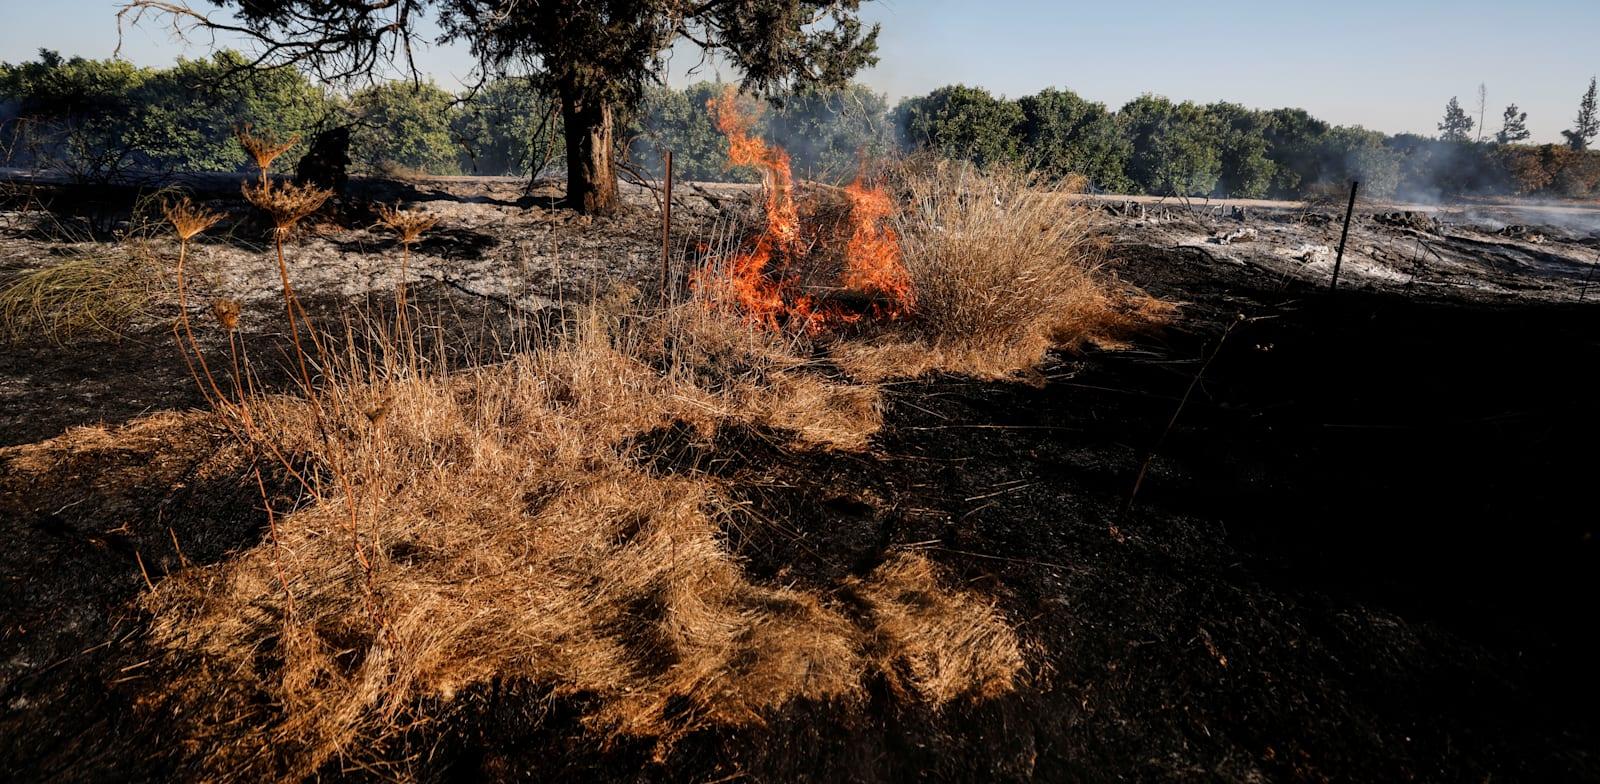 שריפה שפרצה בעוטף עזה בעקבות הפרחת בלוני תבערה / צילום: Reuters, AMIR COHEN